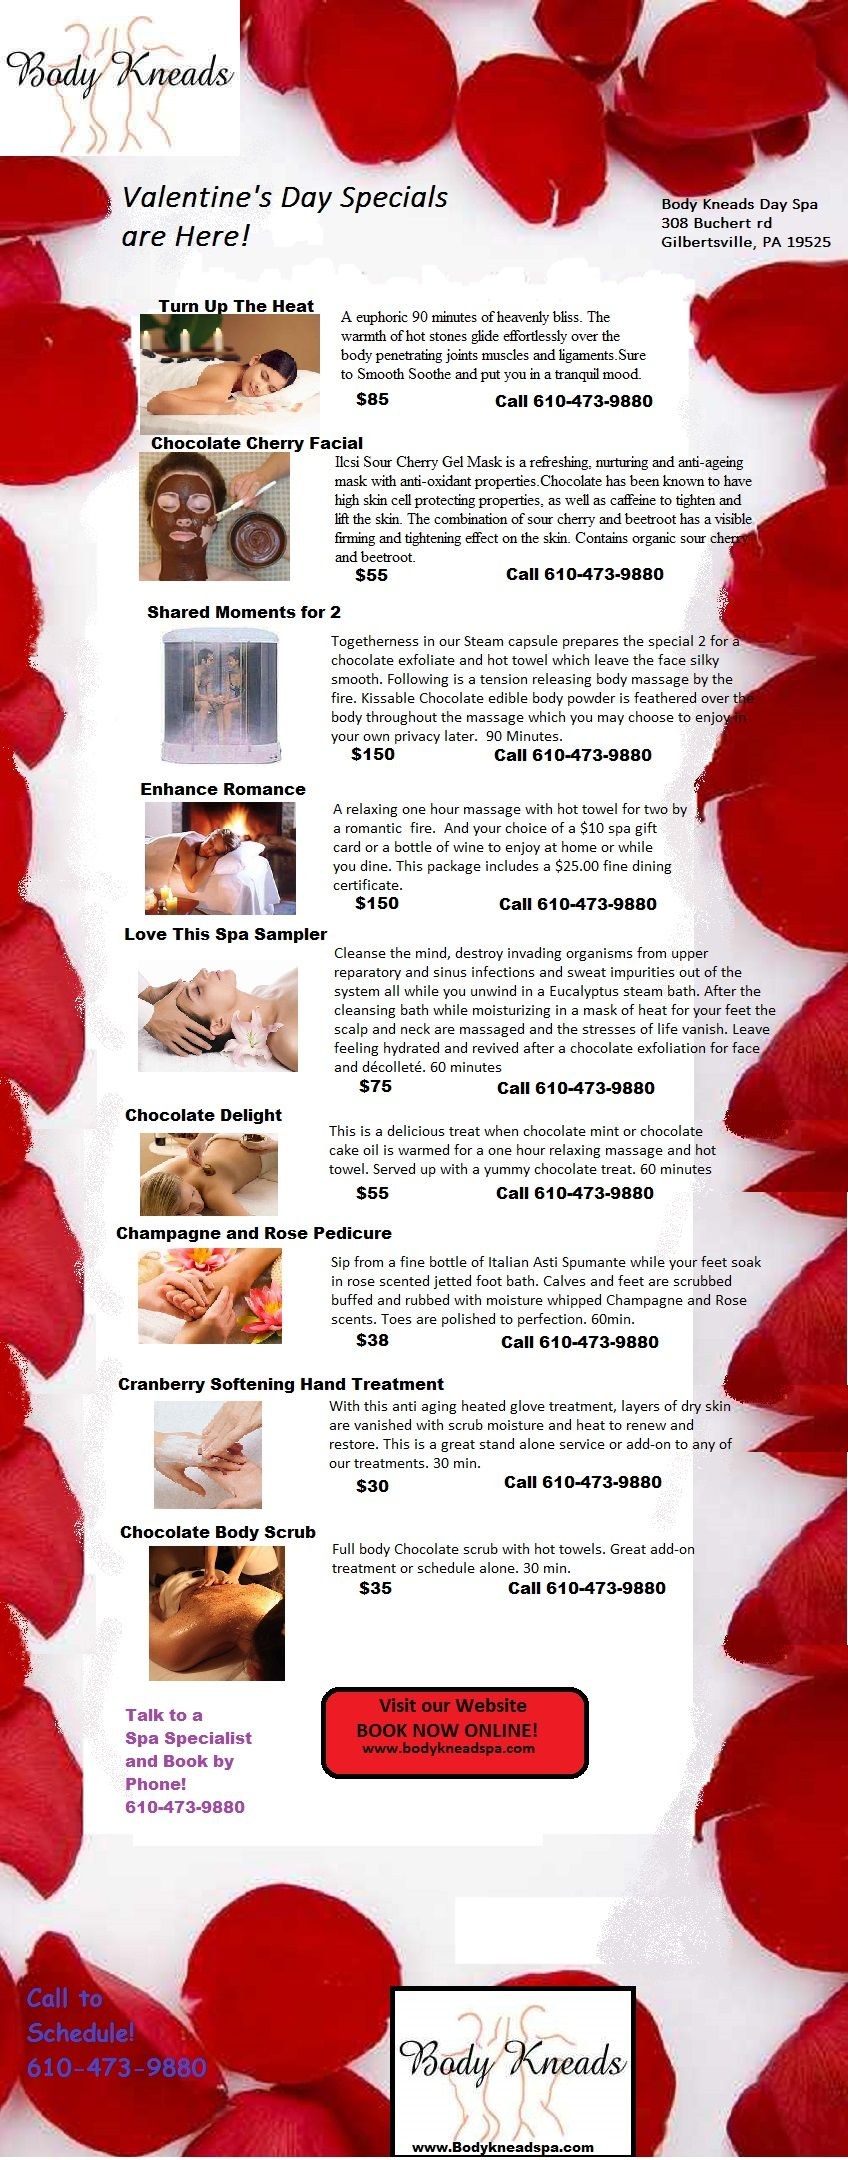 Valentine S Day Massage Specials Body Kneads Day Spa 610 473 9880